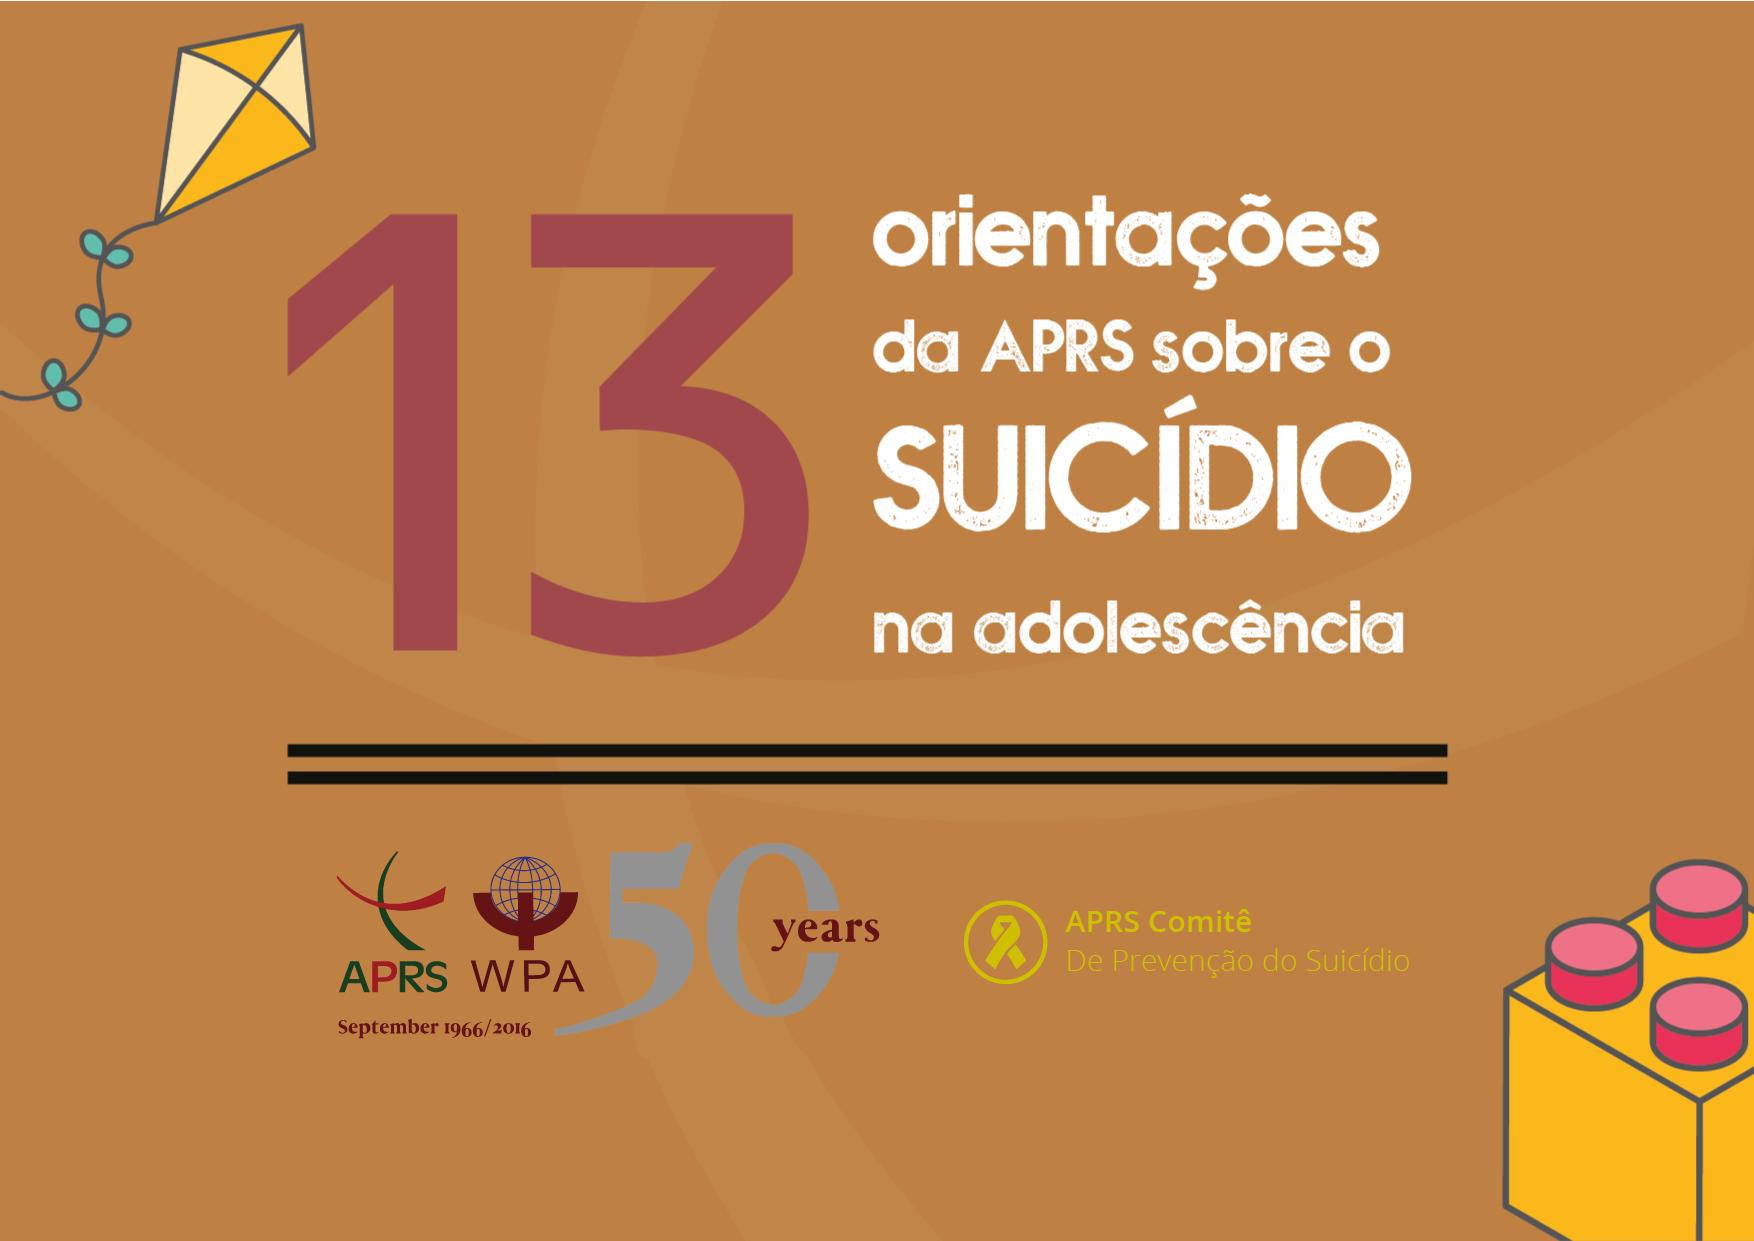 13 Orientações da APRS sobre o suicídio na adolescência